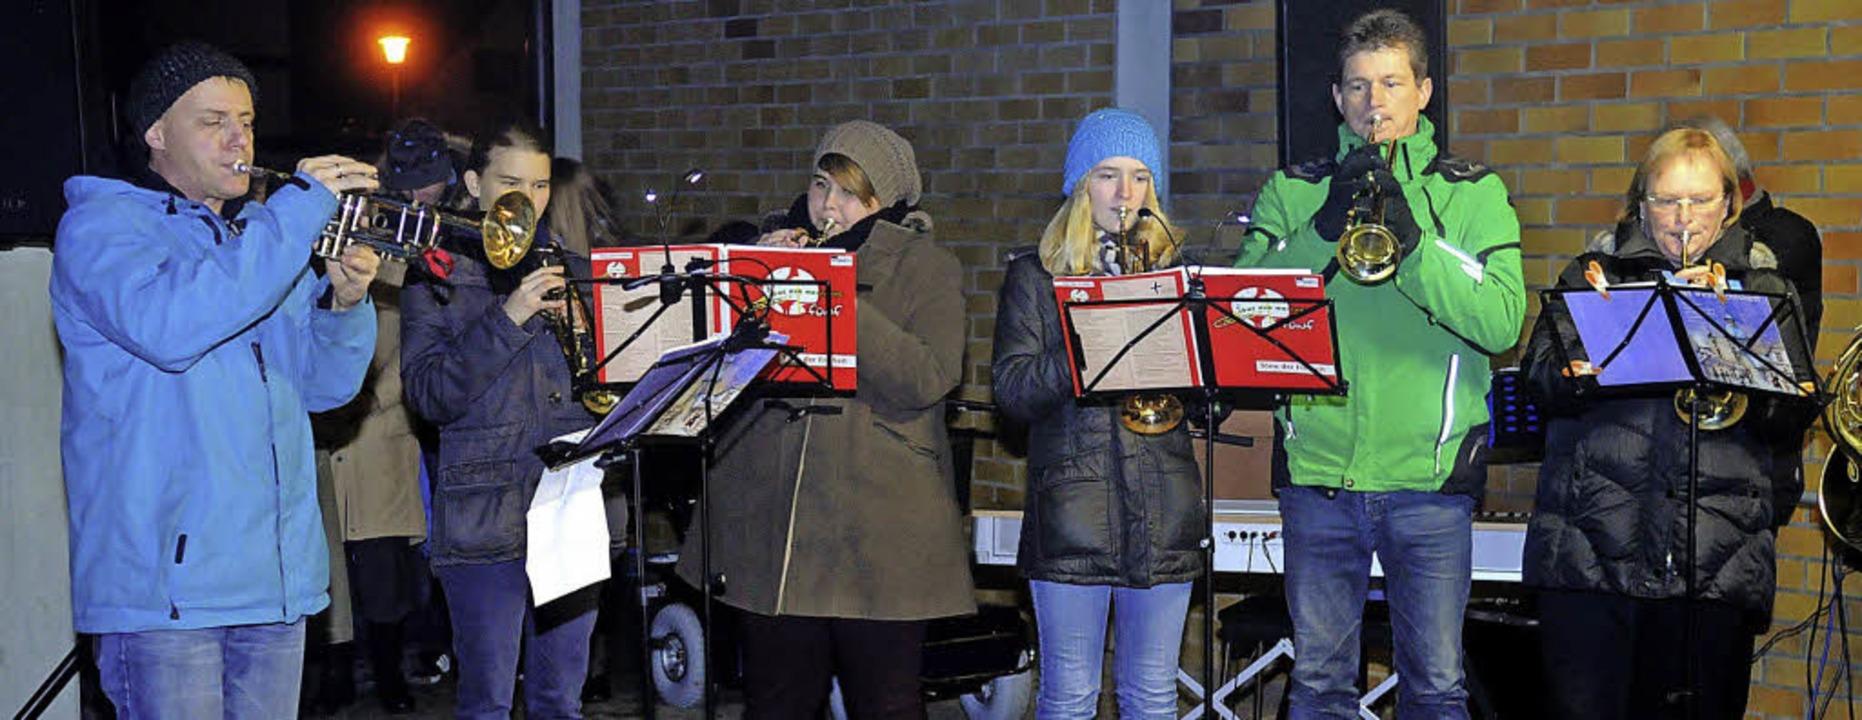 Der Posaunenchor hat das Weihnachtsmusizieren in Allmannsweier eröffnet.     Foto: Wolfgang Künstle